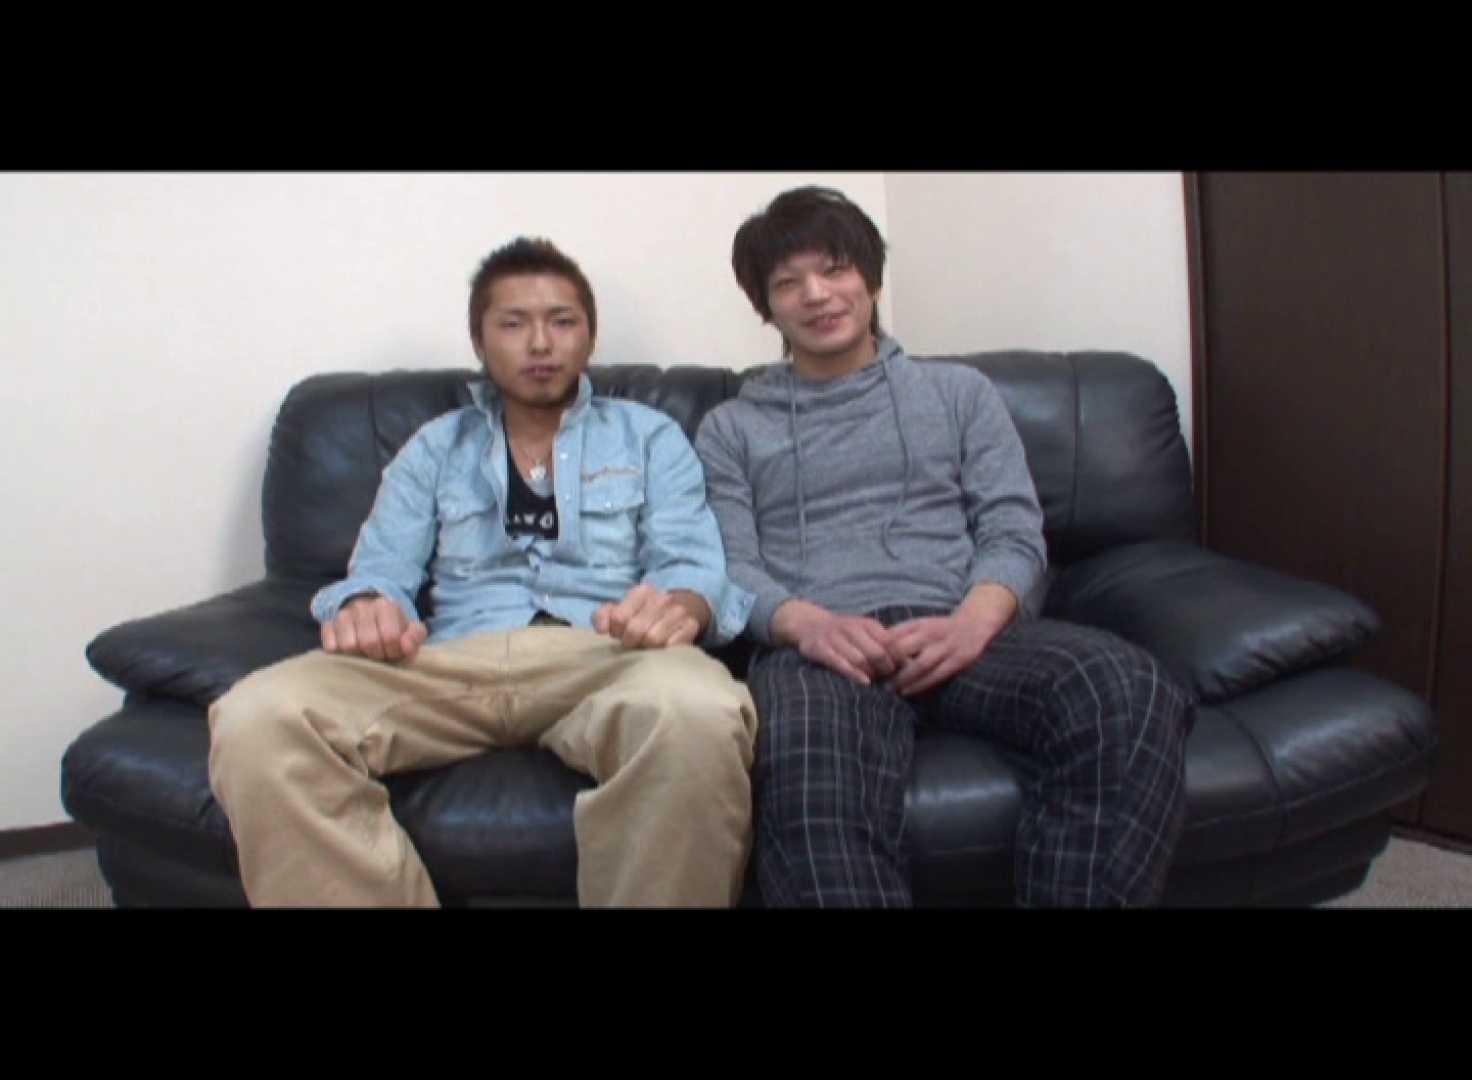 イケメンモッコリウォッチング!!No.09 オナニー編 ゲイアダルトビデオ画像 70枚 2